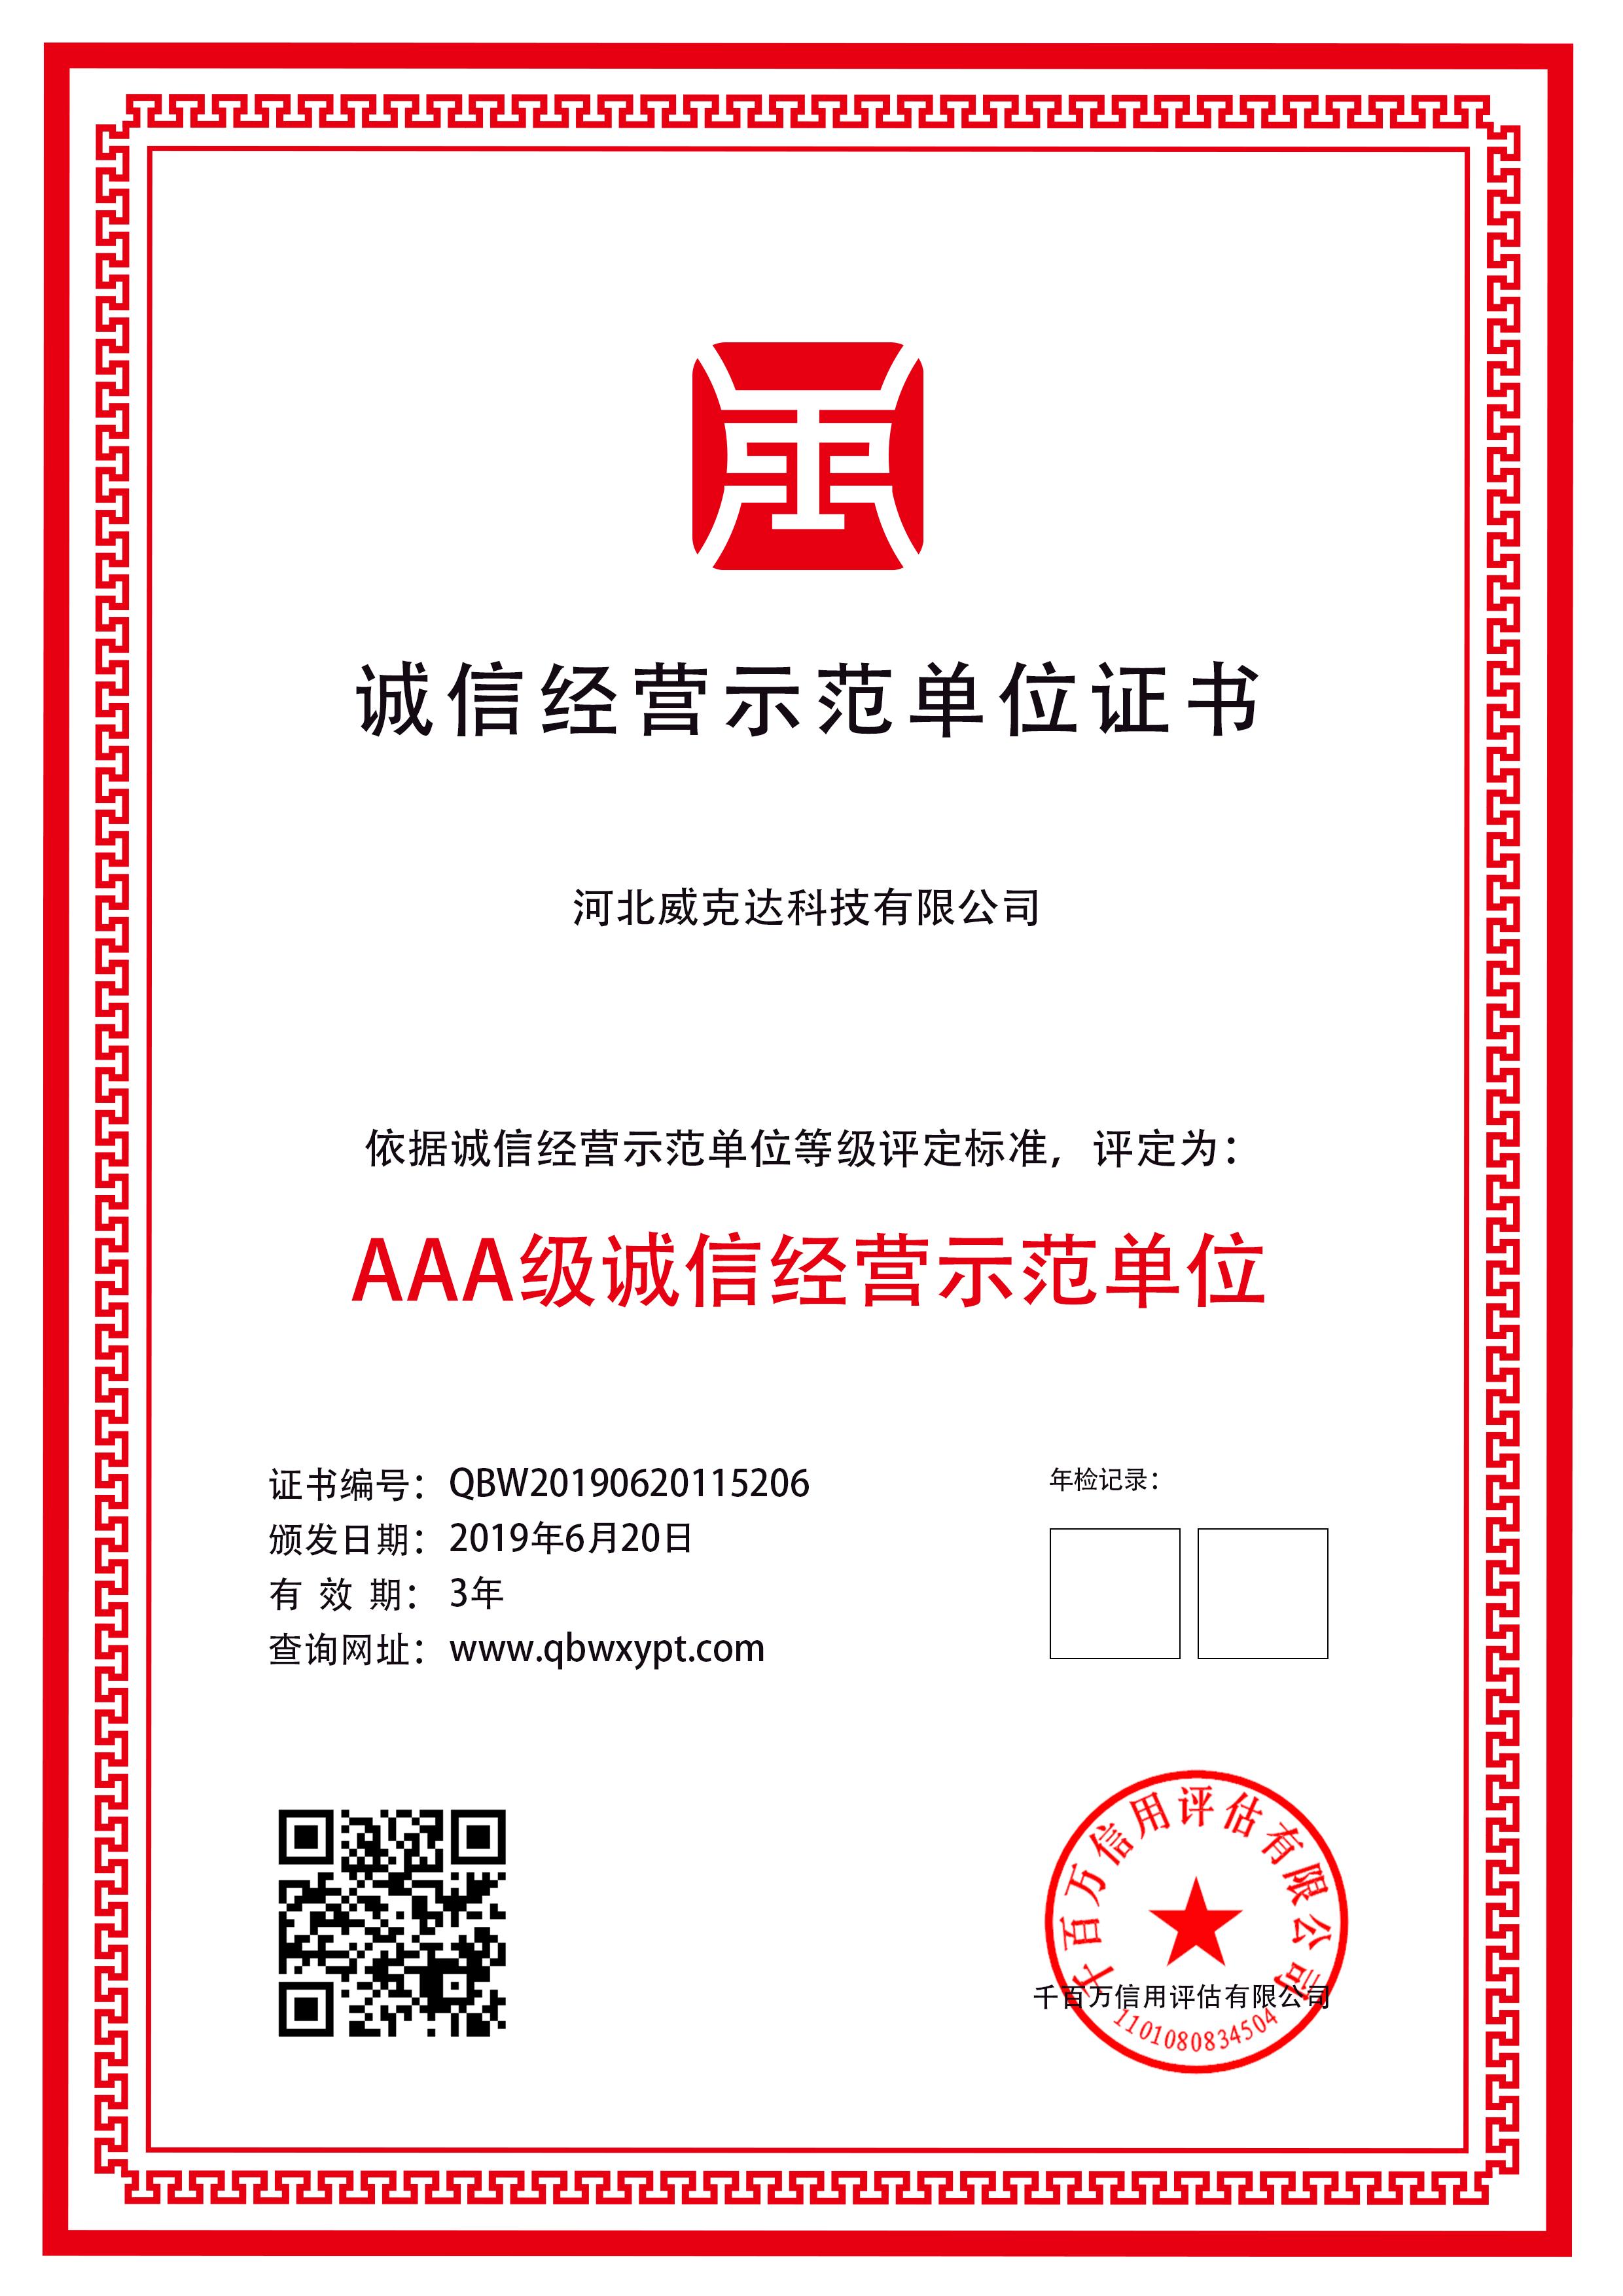 河北威克达科技有限公司-诚信经营示范单位证书